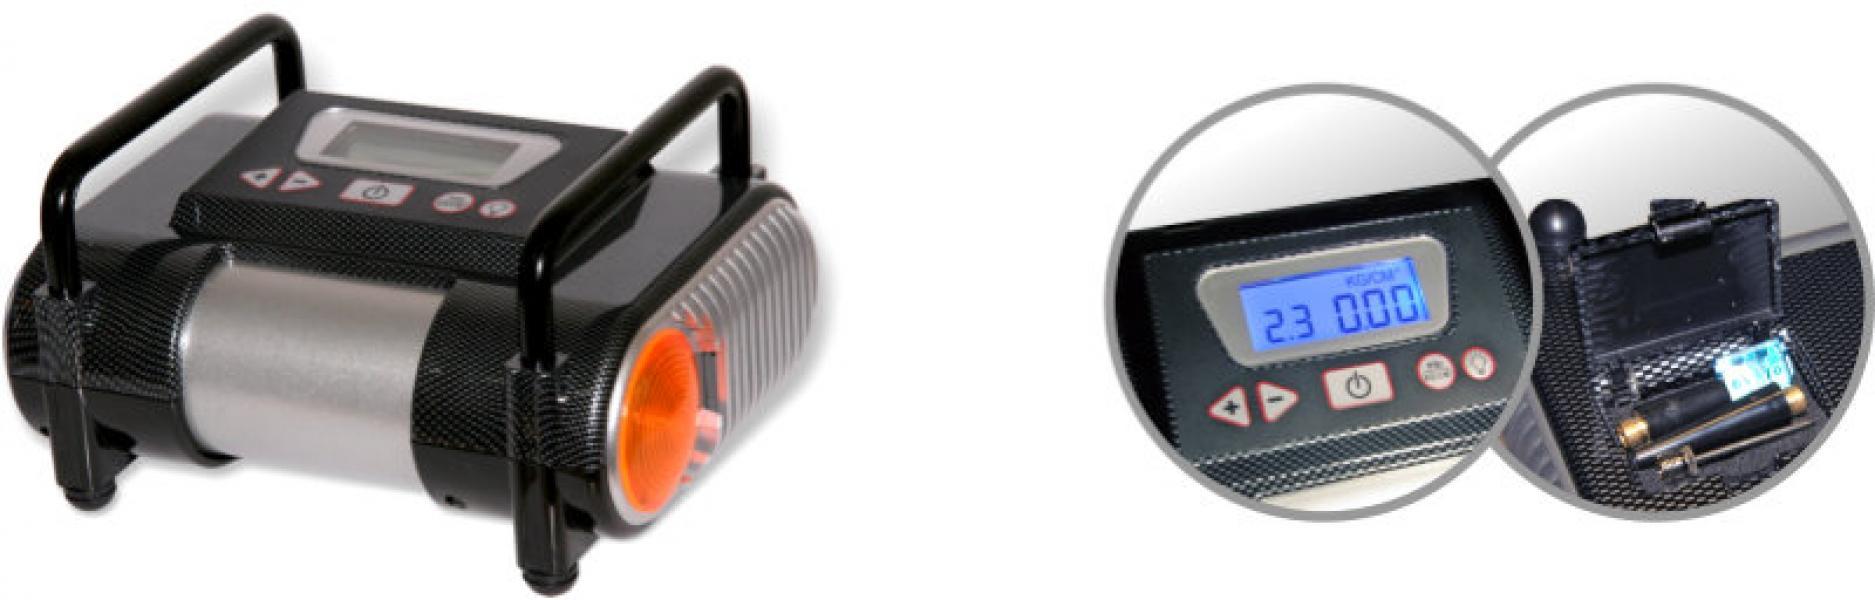 Компрессор автомобильный AС-570 Digital с цифровым отсчетом показаний. 35 л/мин